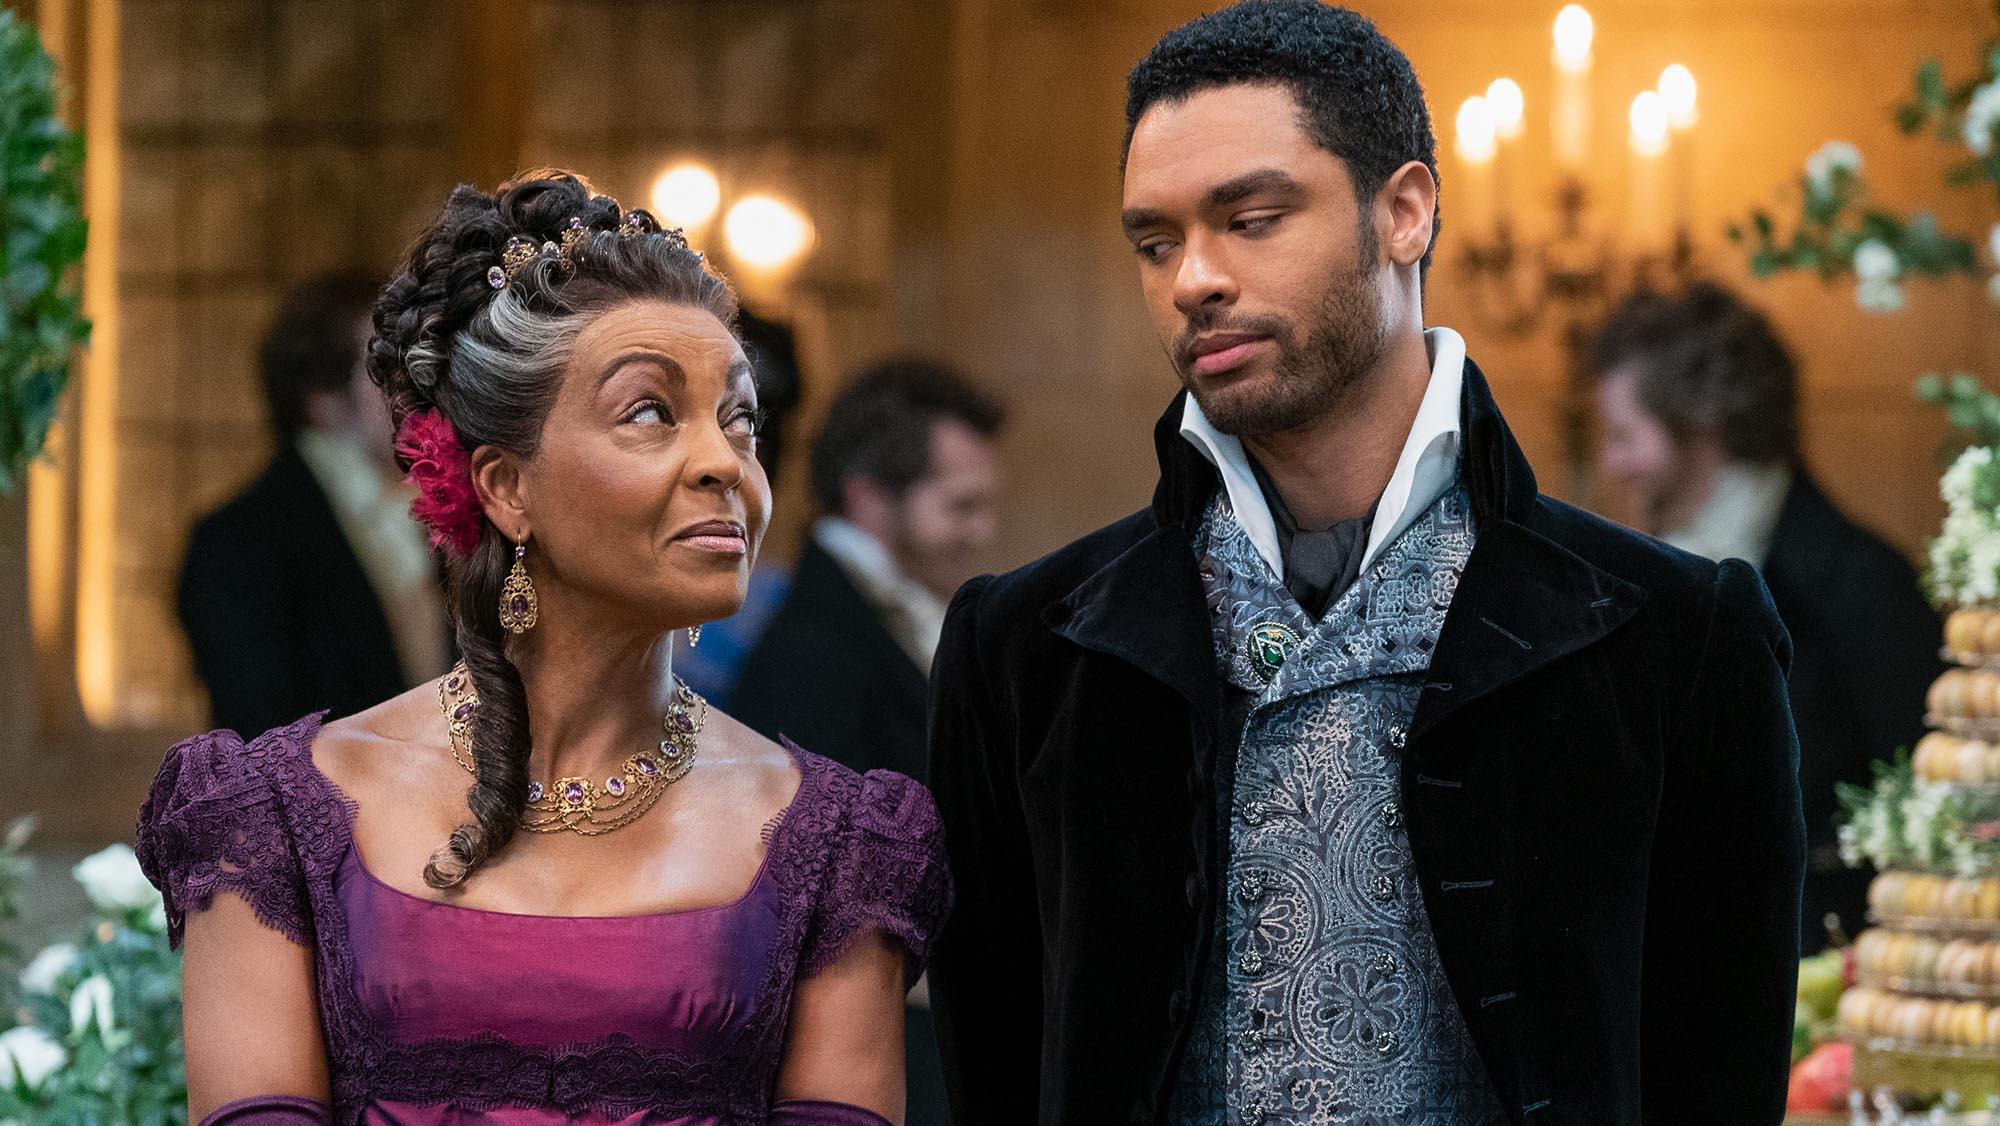 Netflix bringt die Serie Bridgerton zu Weihnachten 2020 - Historiendrama  für die Festtage - seriesly AWESOME